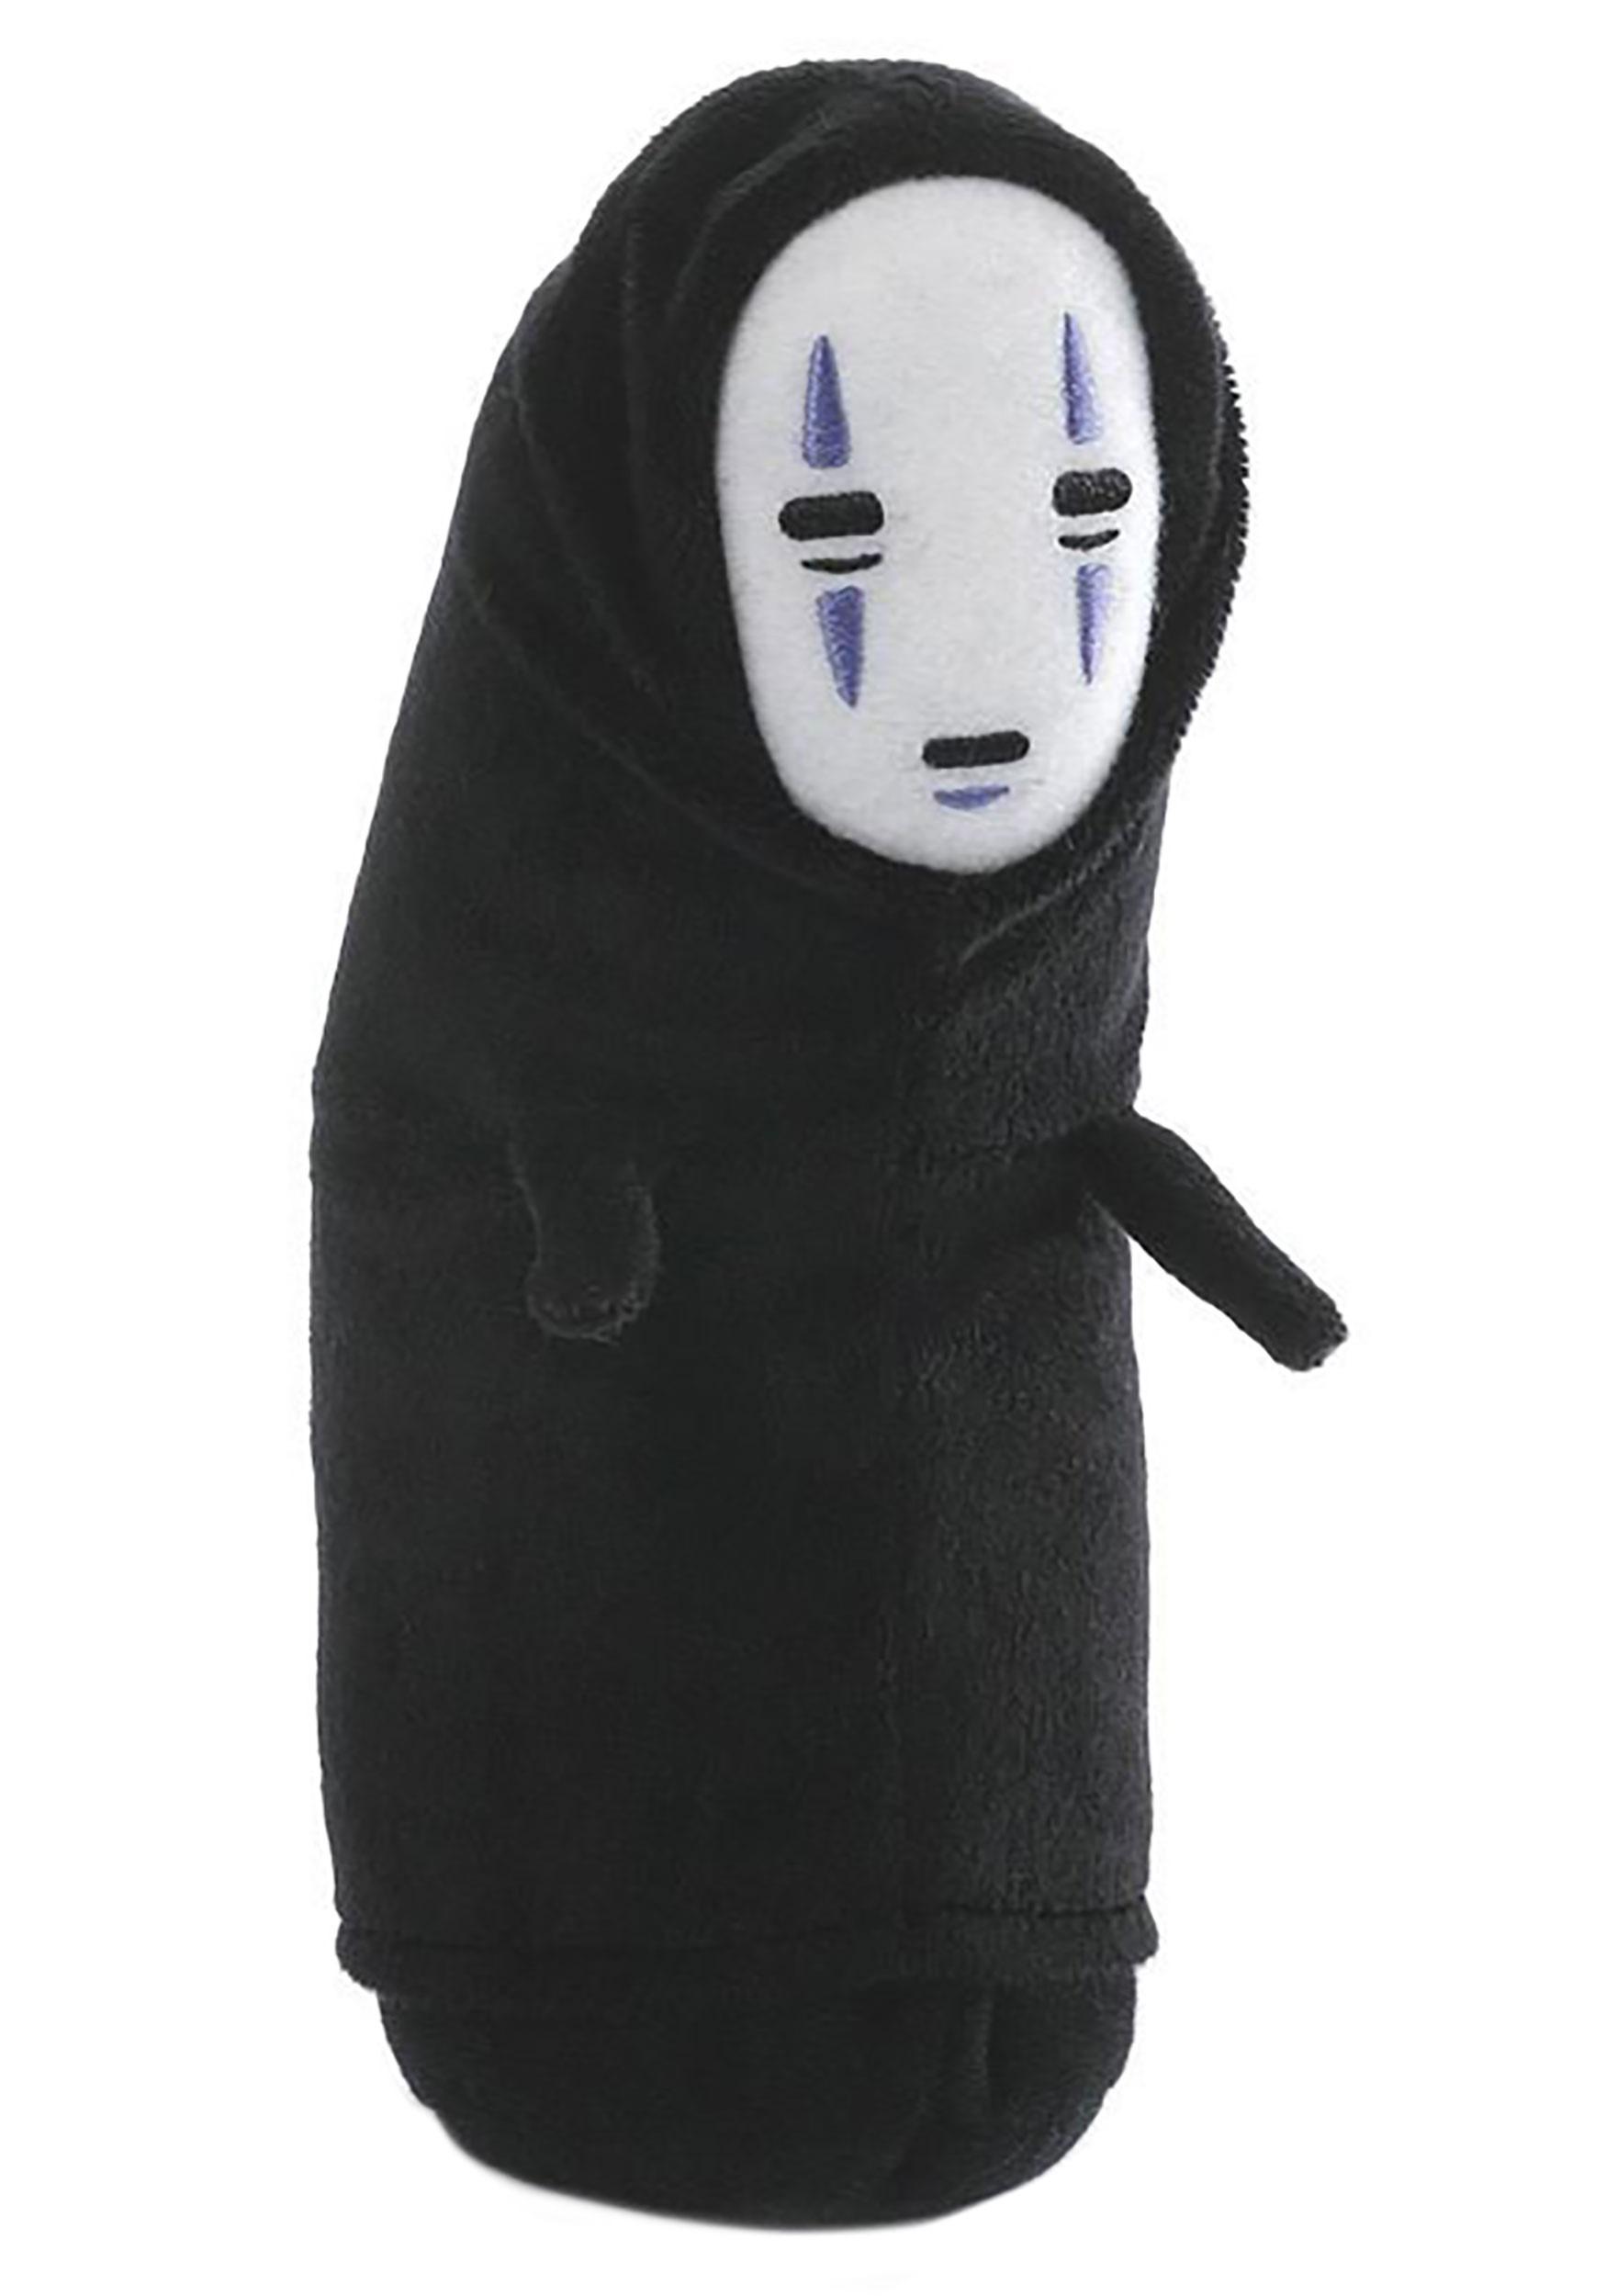 No Face Stuffed Figure Spirited Away